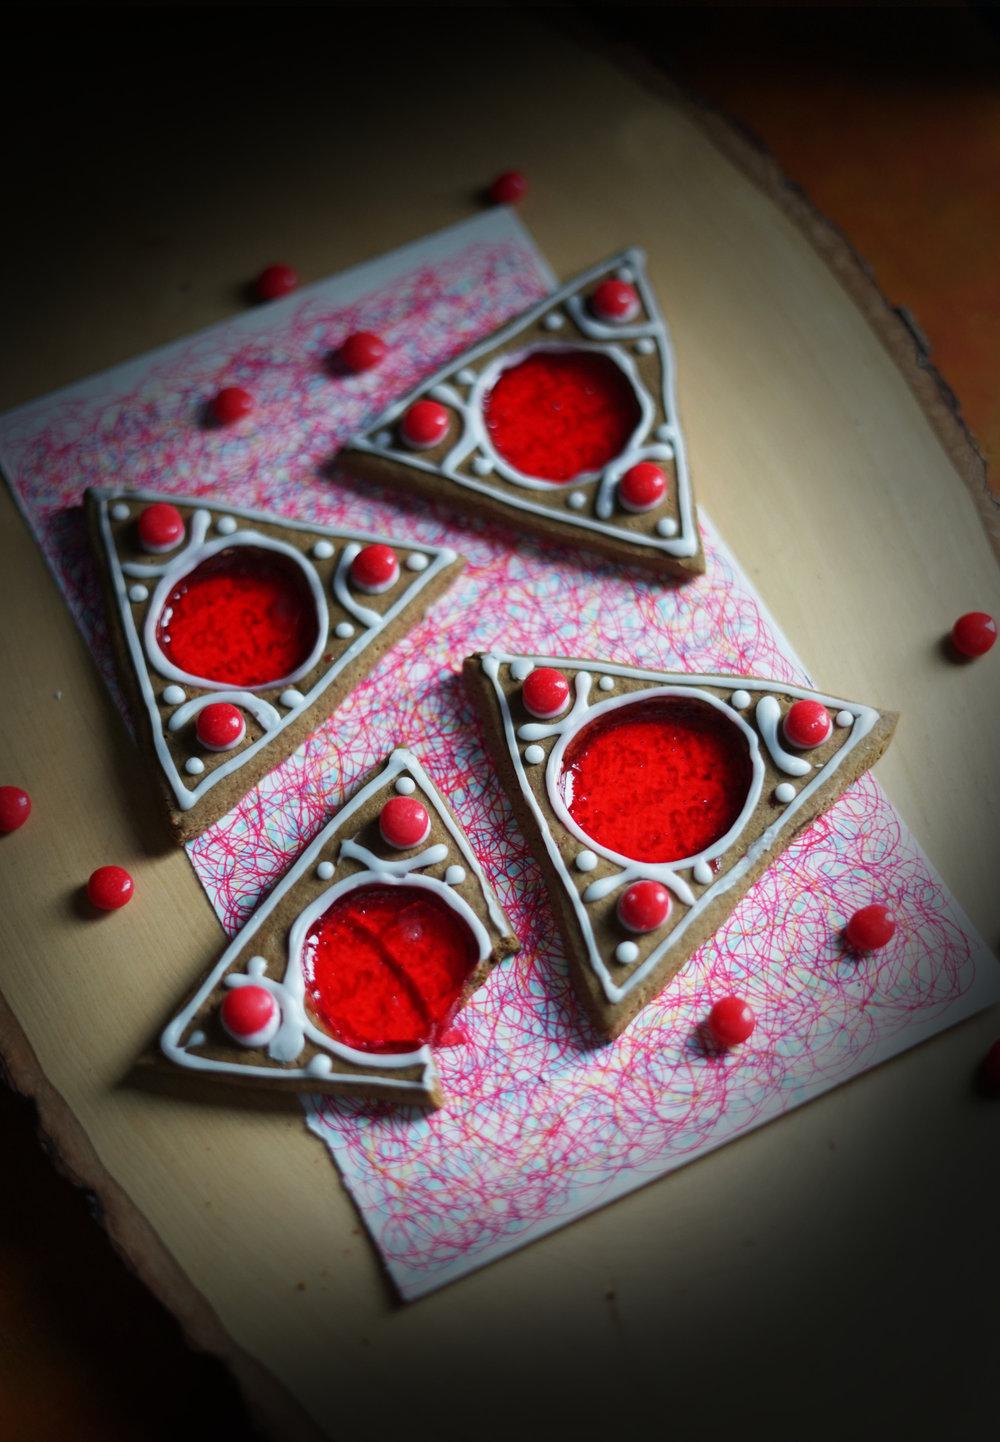 redcookies3small.jpg